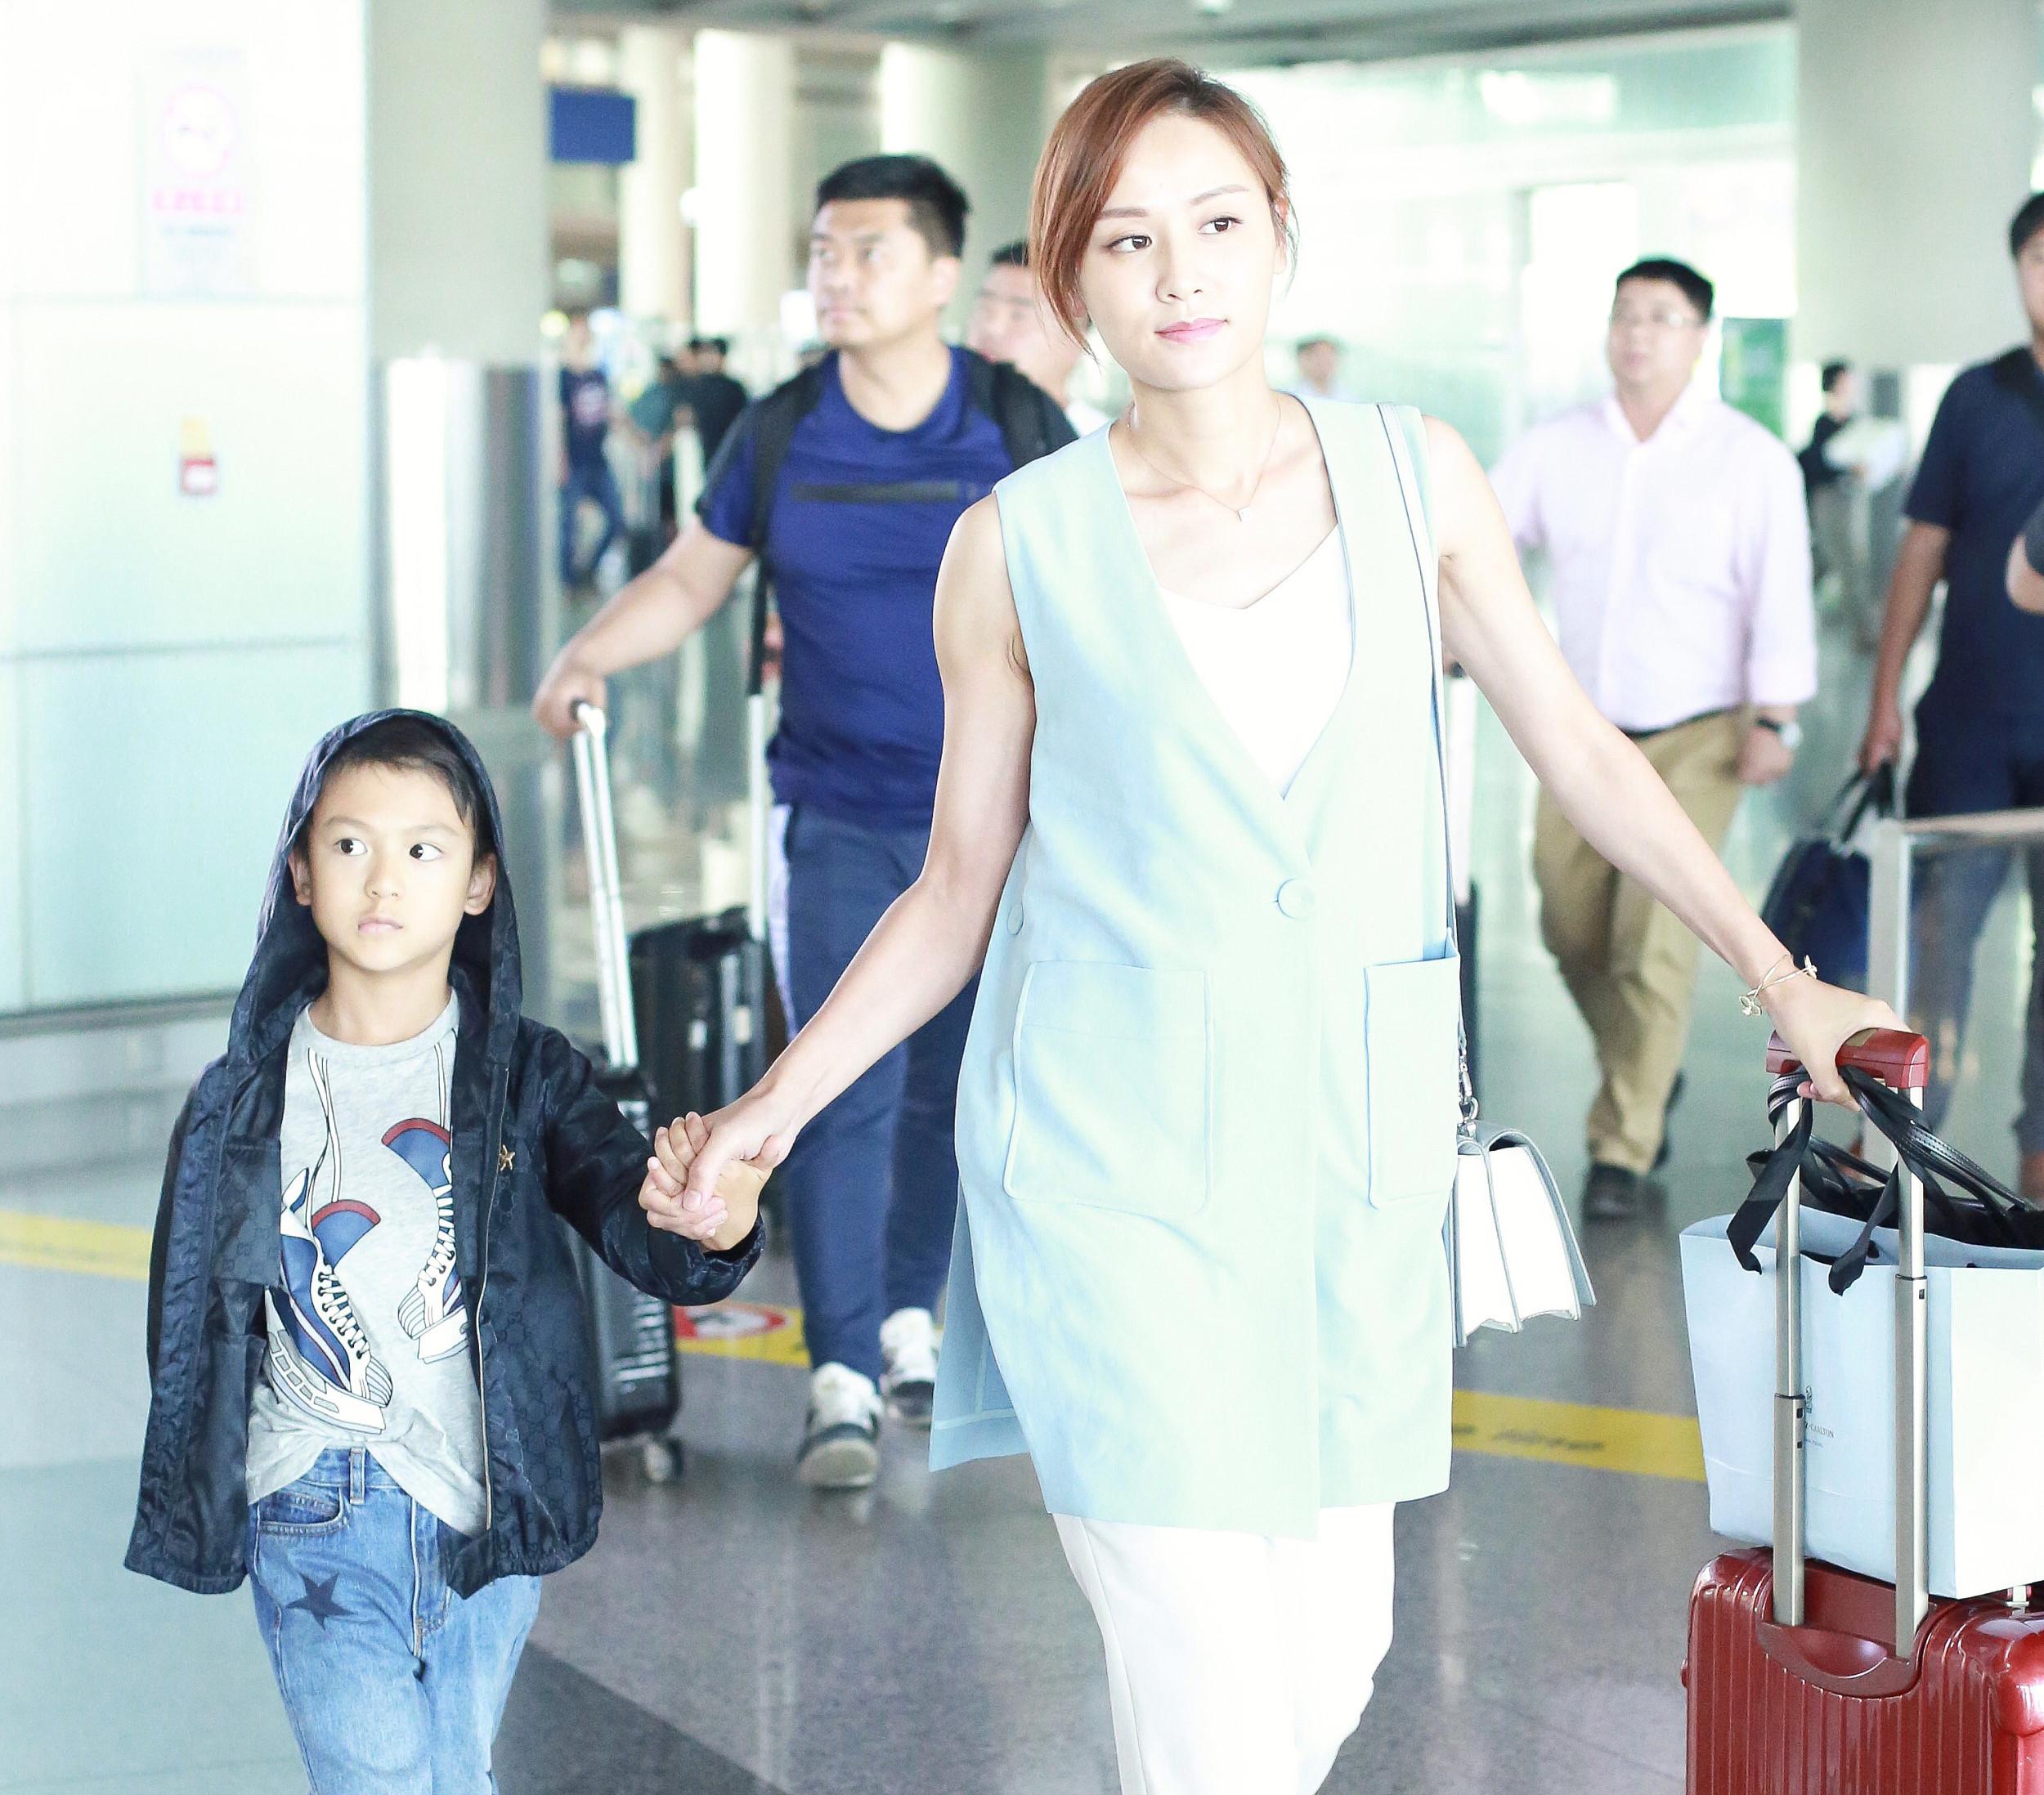 叶一茜带7岁儿子现身机场,亲切打招呼手上的大钻戒好抢眼 作者: 来源:猫眼娱乐V